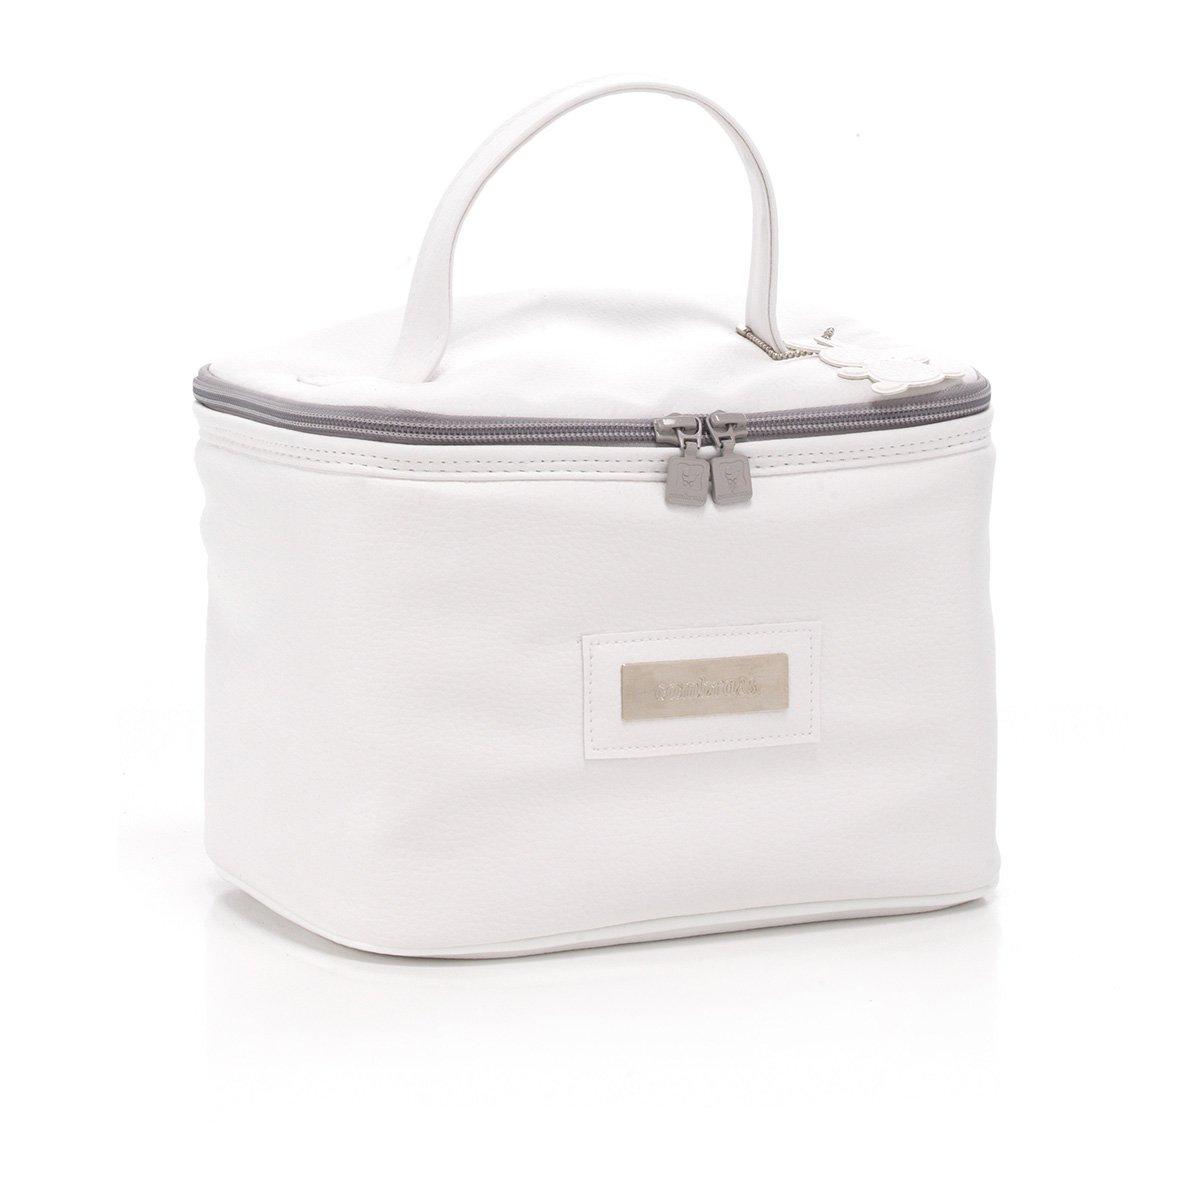 Cambrass Elegance - Bolso neceser mini, color blanco: Amazon.es: Bebé